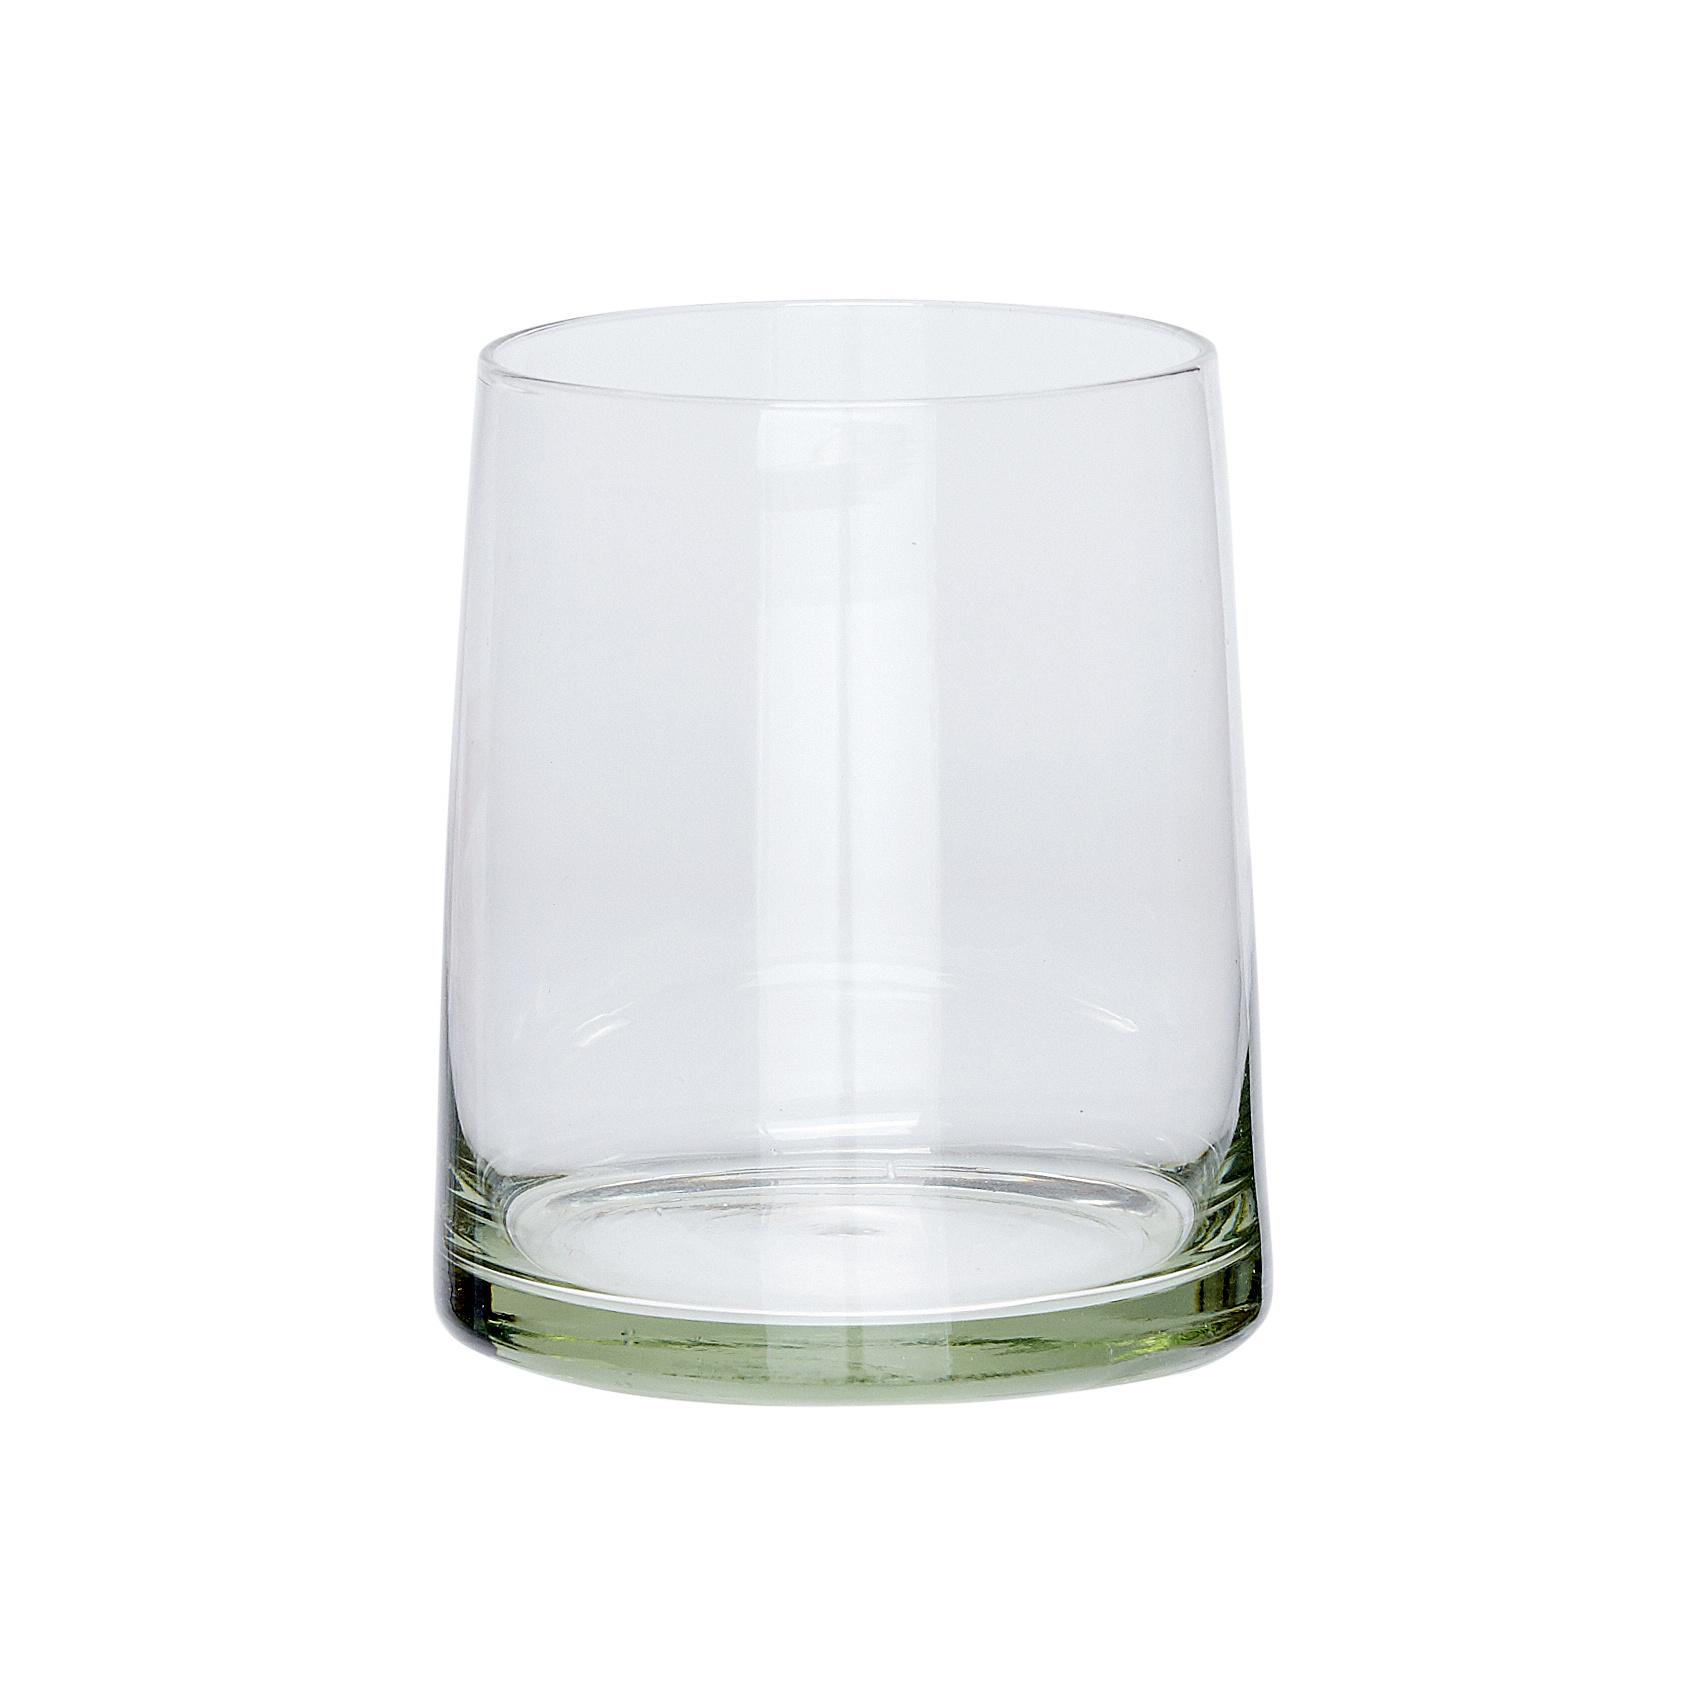 Hubsch Drinkglas, helder-480304-5712772056554